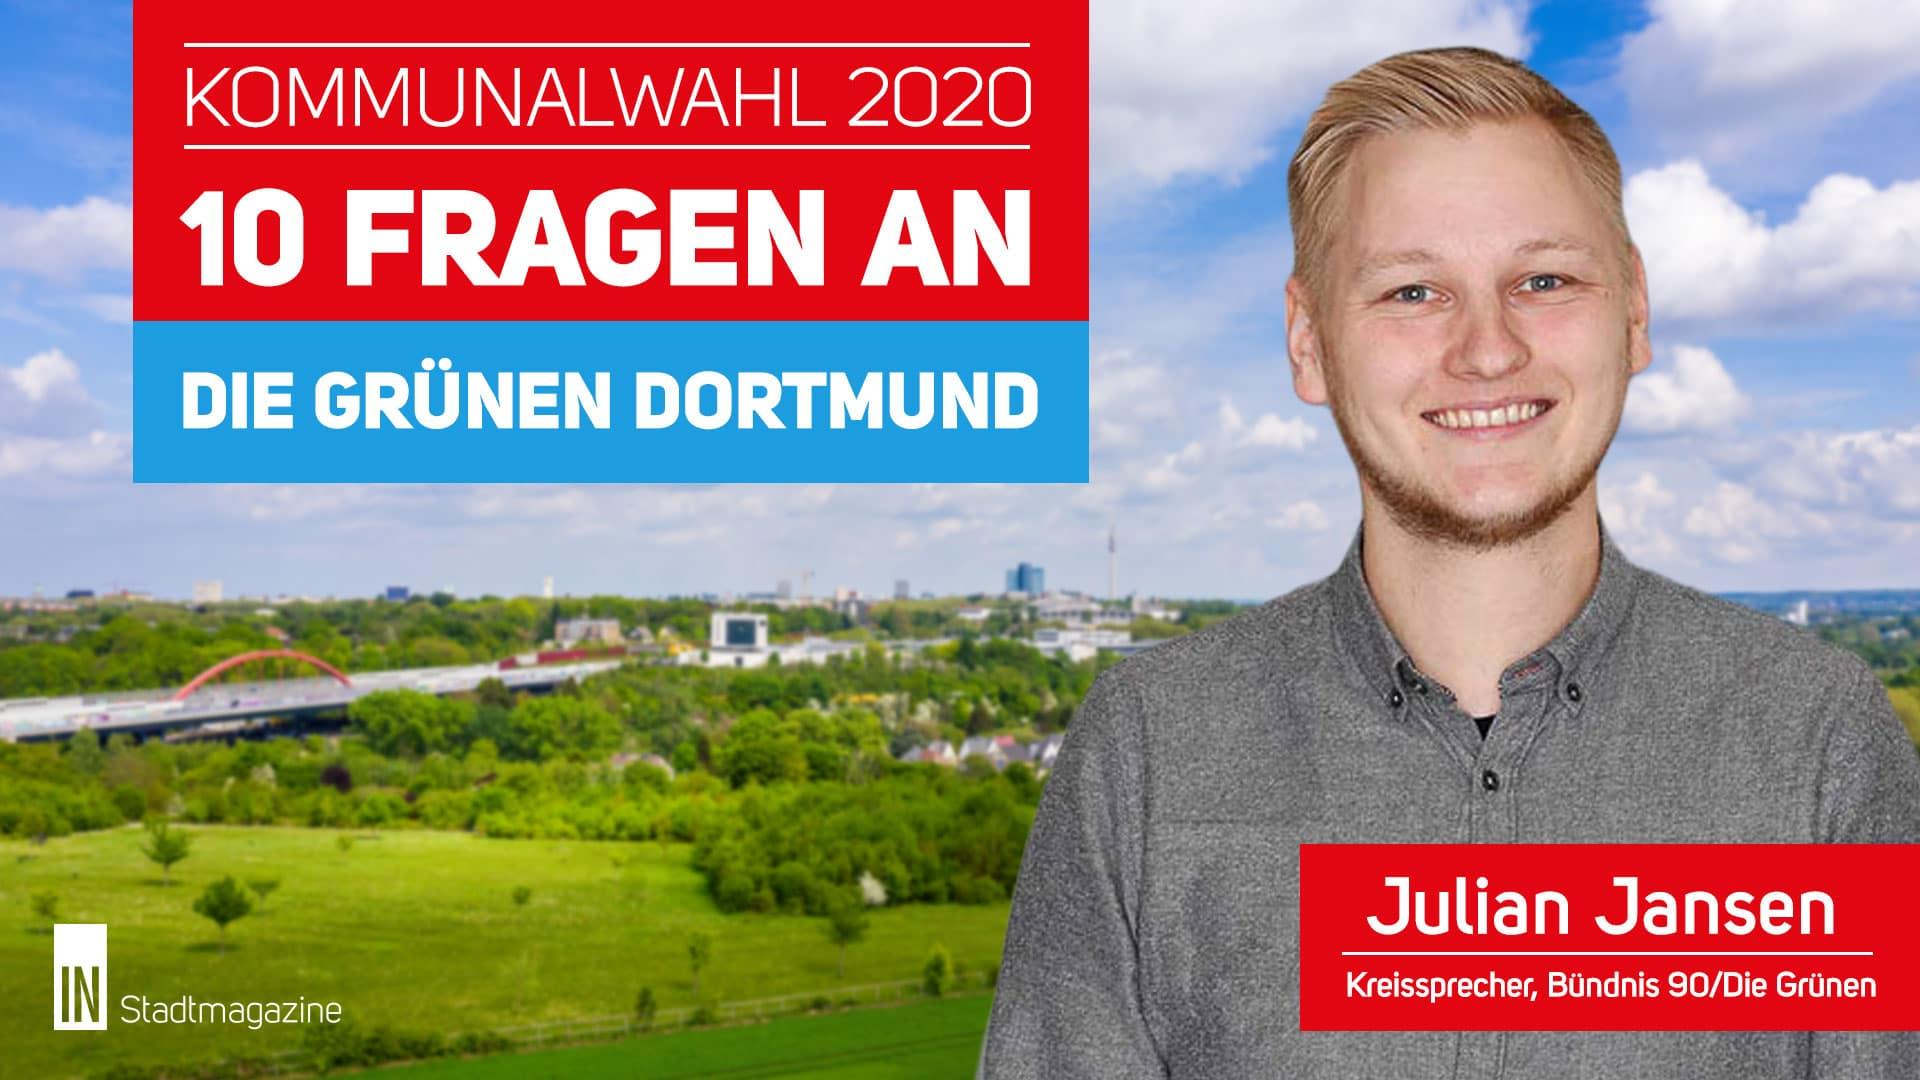 Kommunalwahl 2020: Video-Interview mit den Grünen